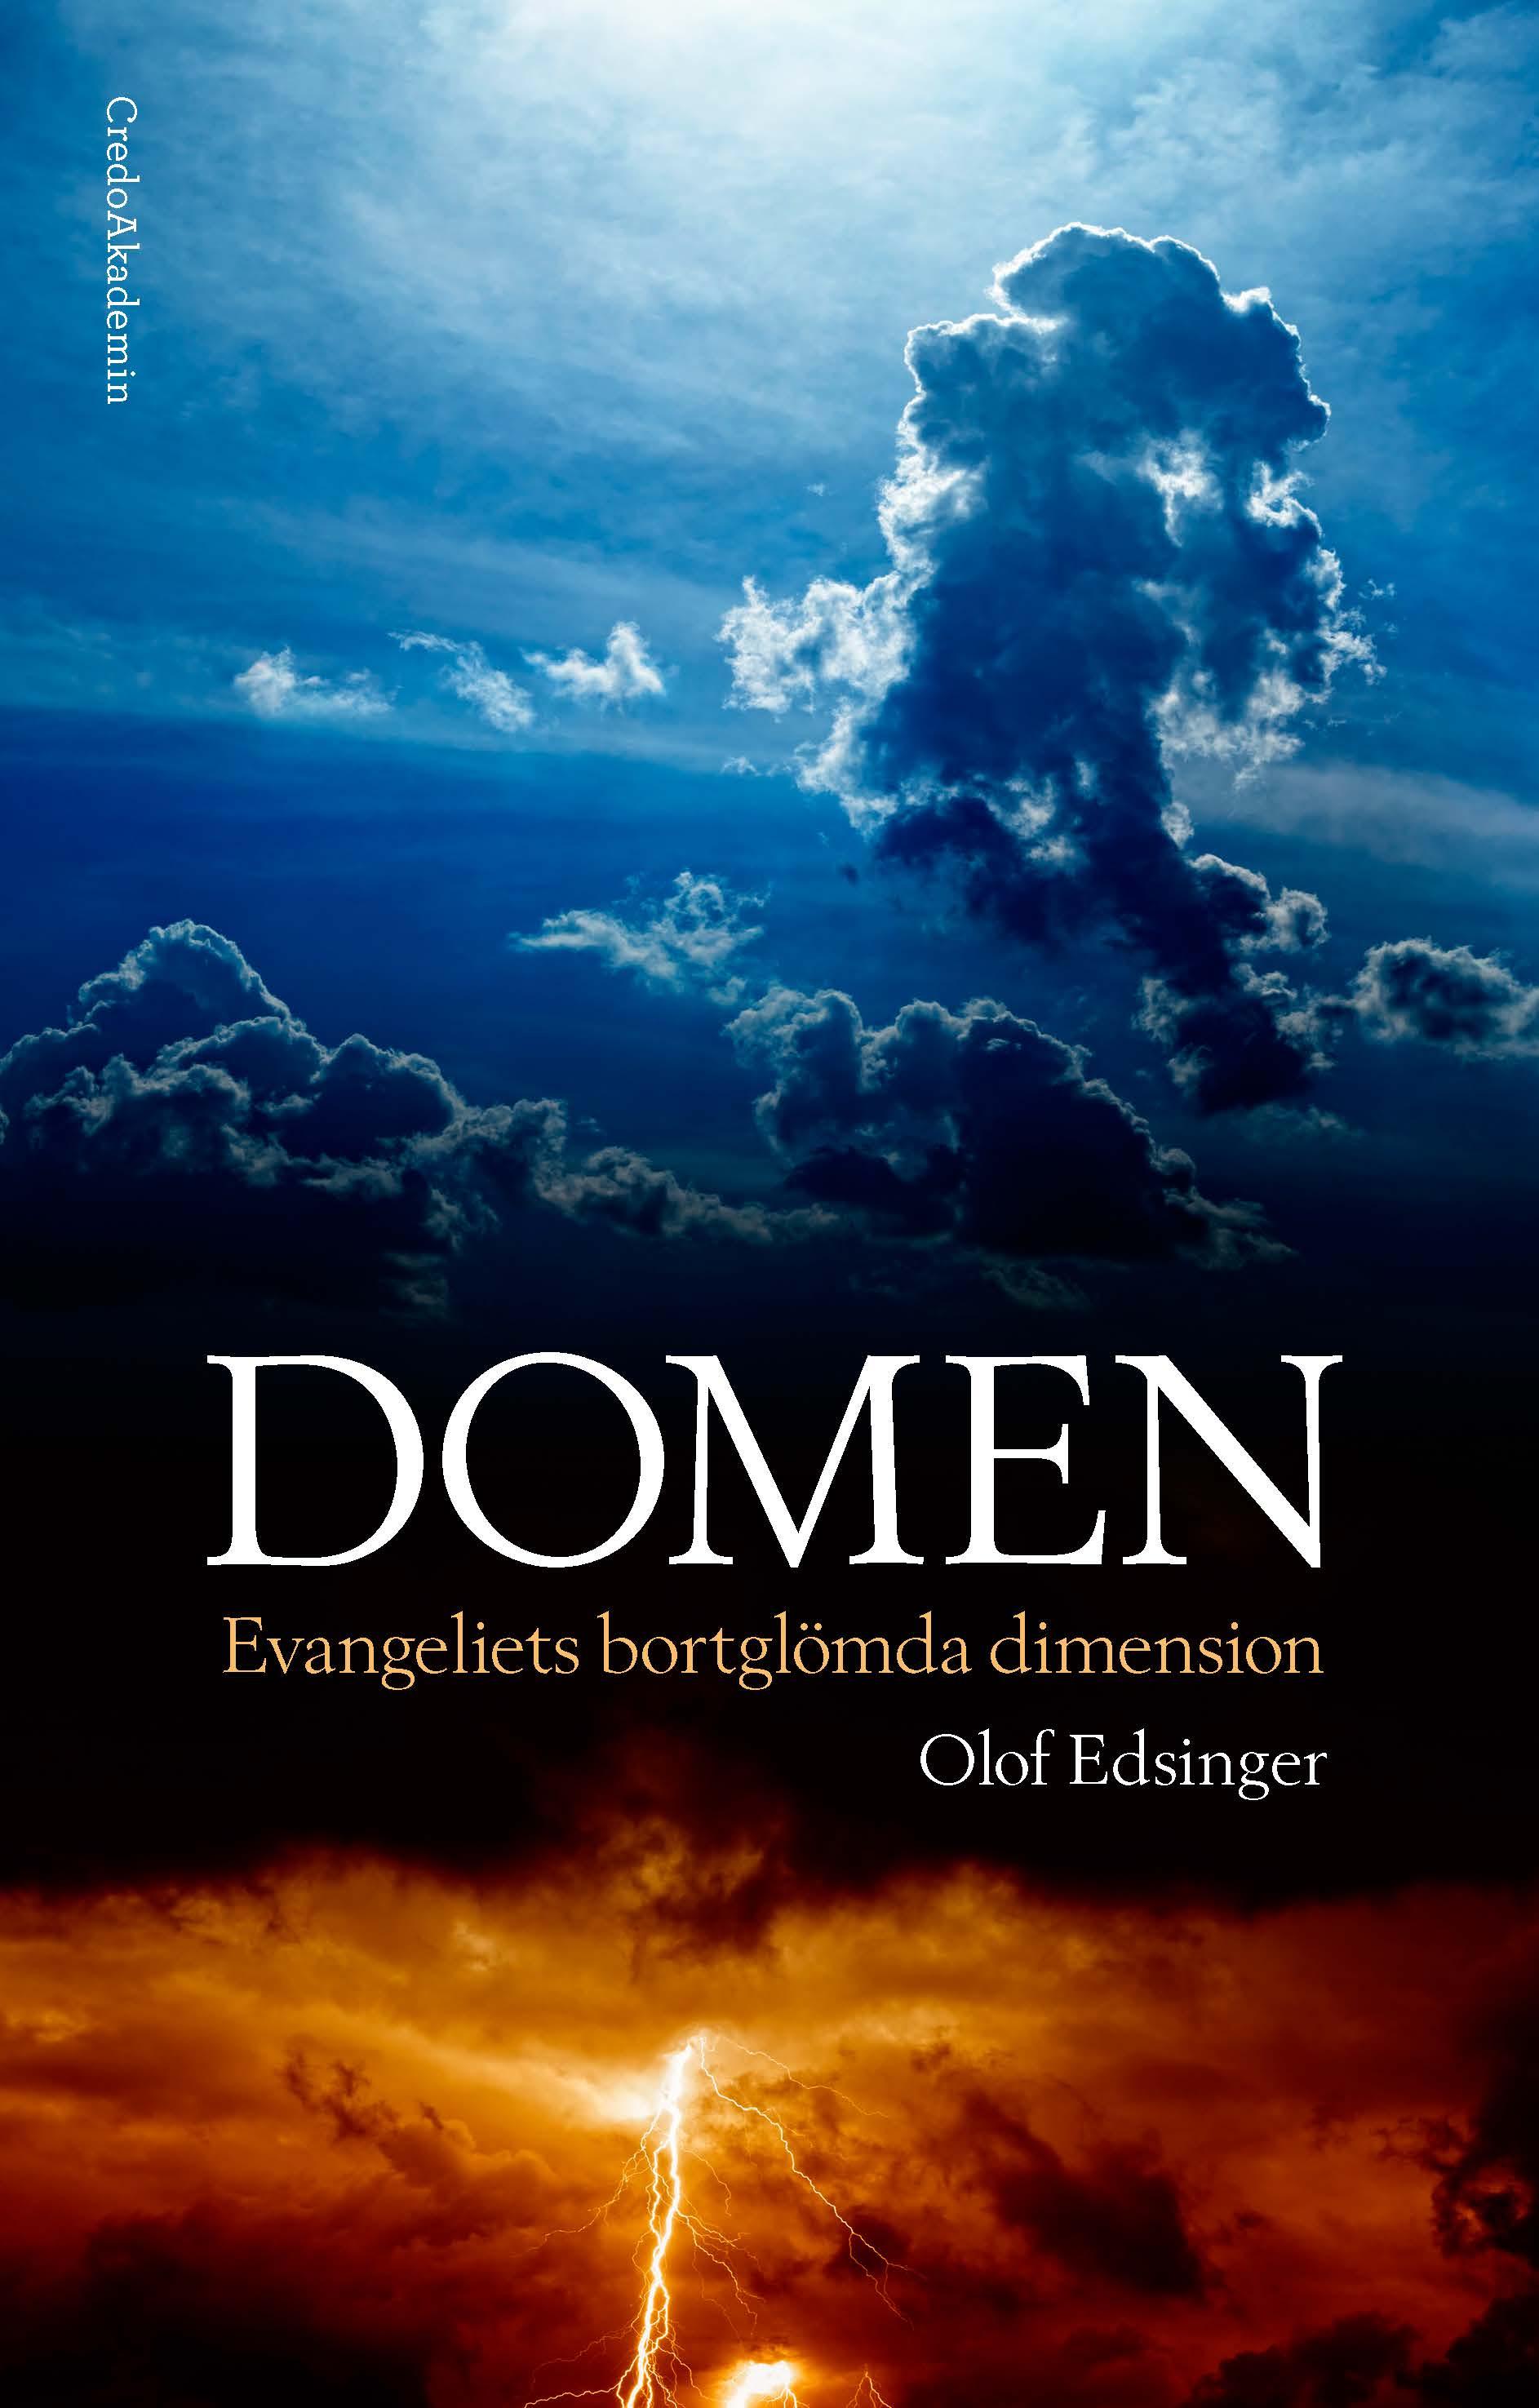 Domen: Evangeliets bortglömda dimension av Olof Edsinger